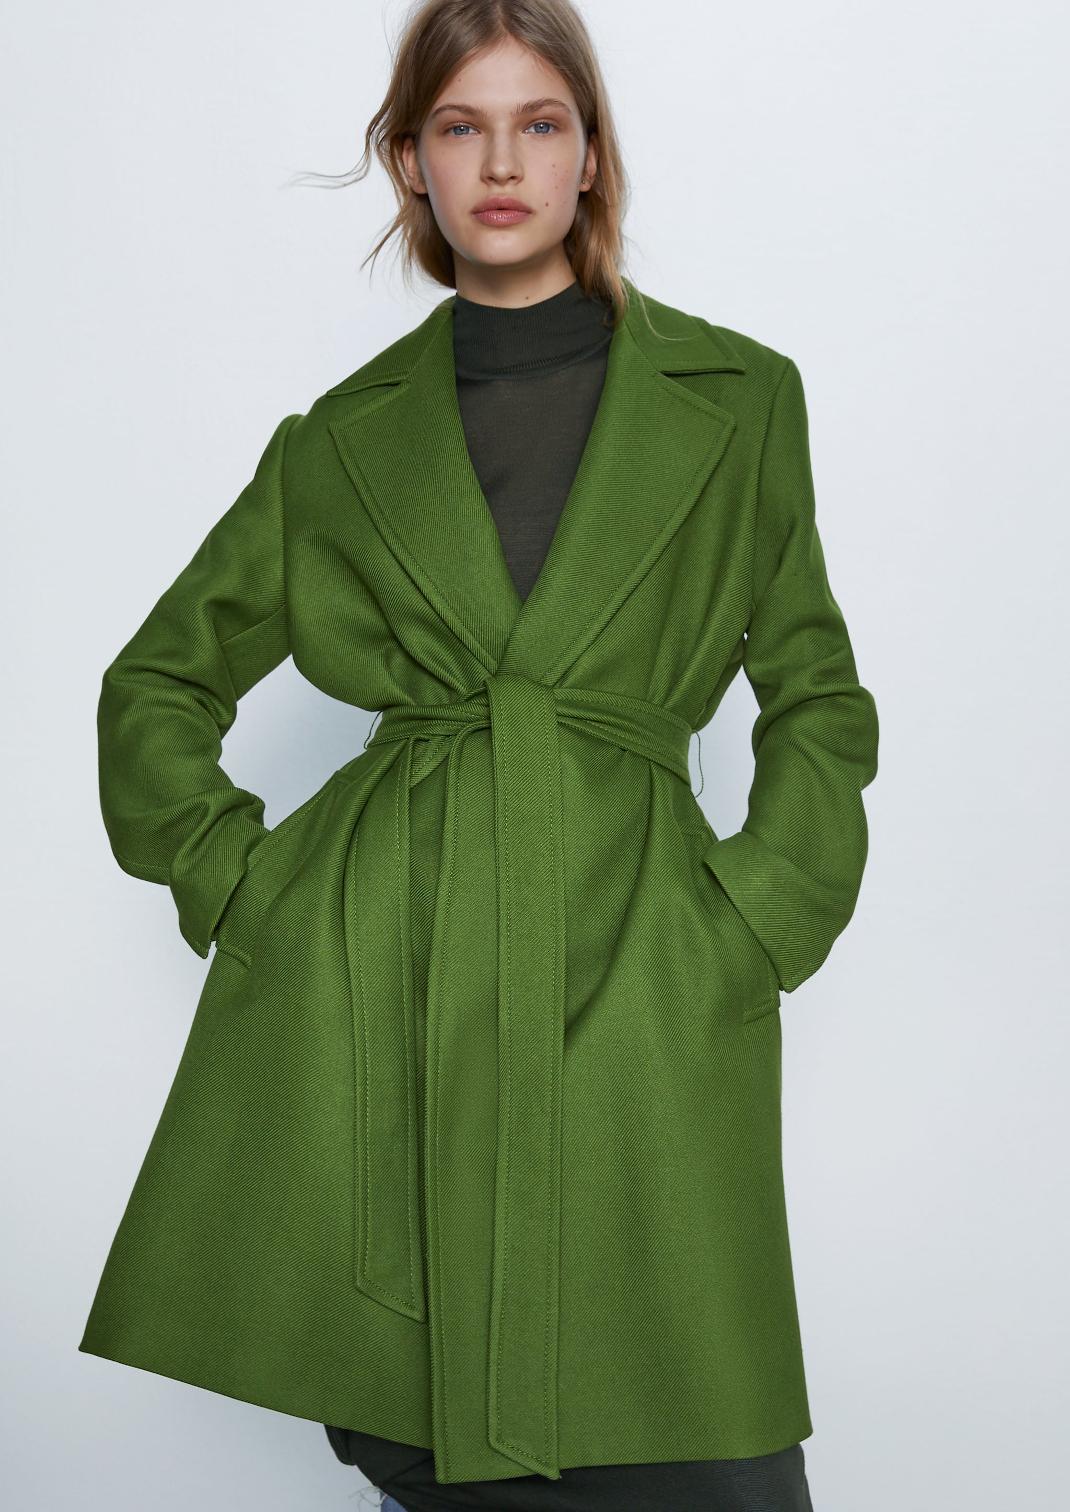 μοντέλο με πράσινο παλτό Zara